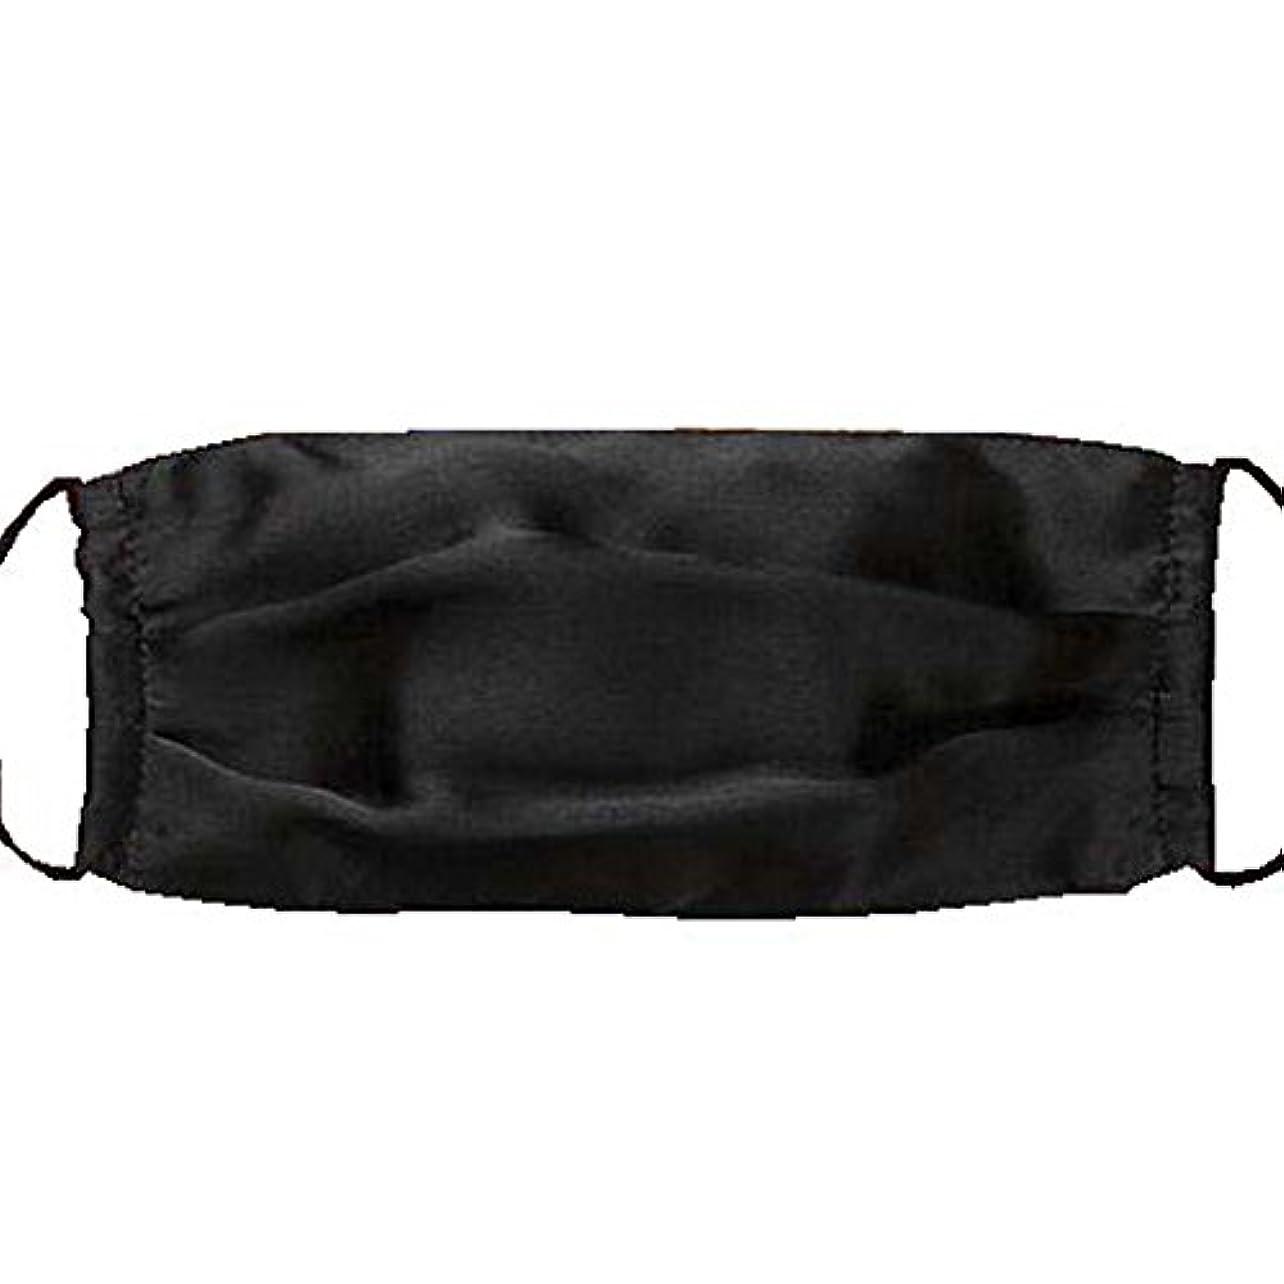 ウナギ郡パンサー再使用可能な洗浄可能な活性炭シルクウォームPM 2.5ダストマスクインフルエンザマスク